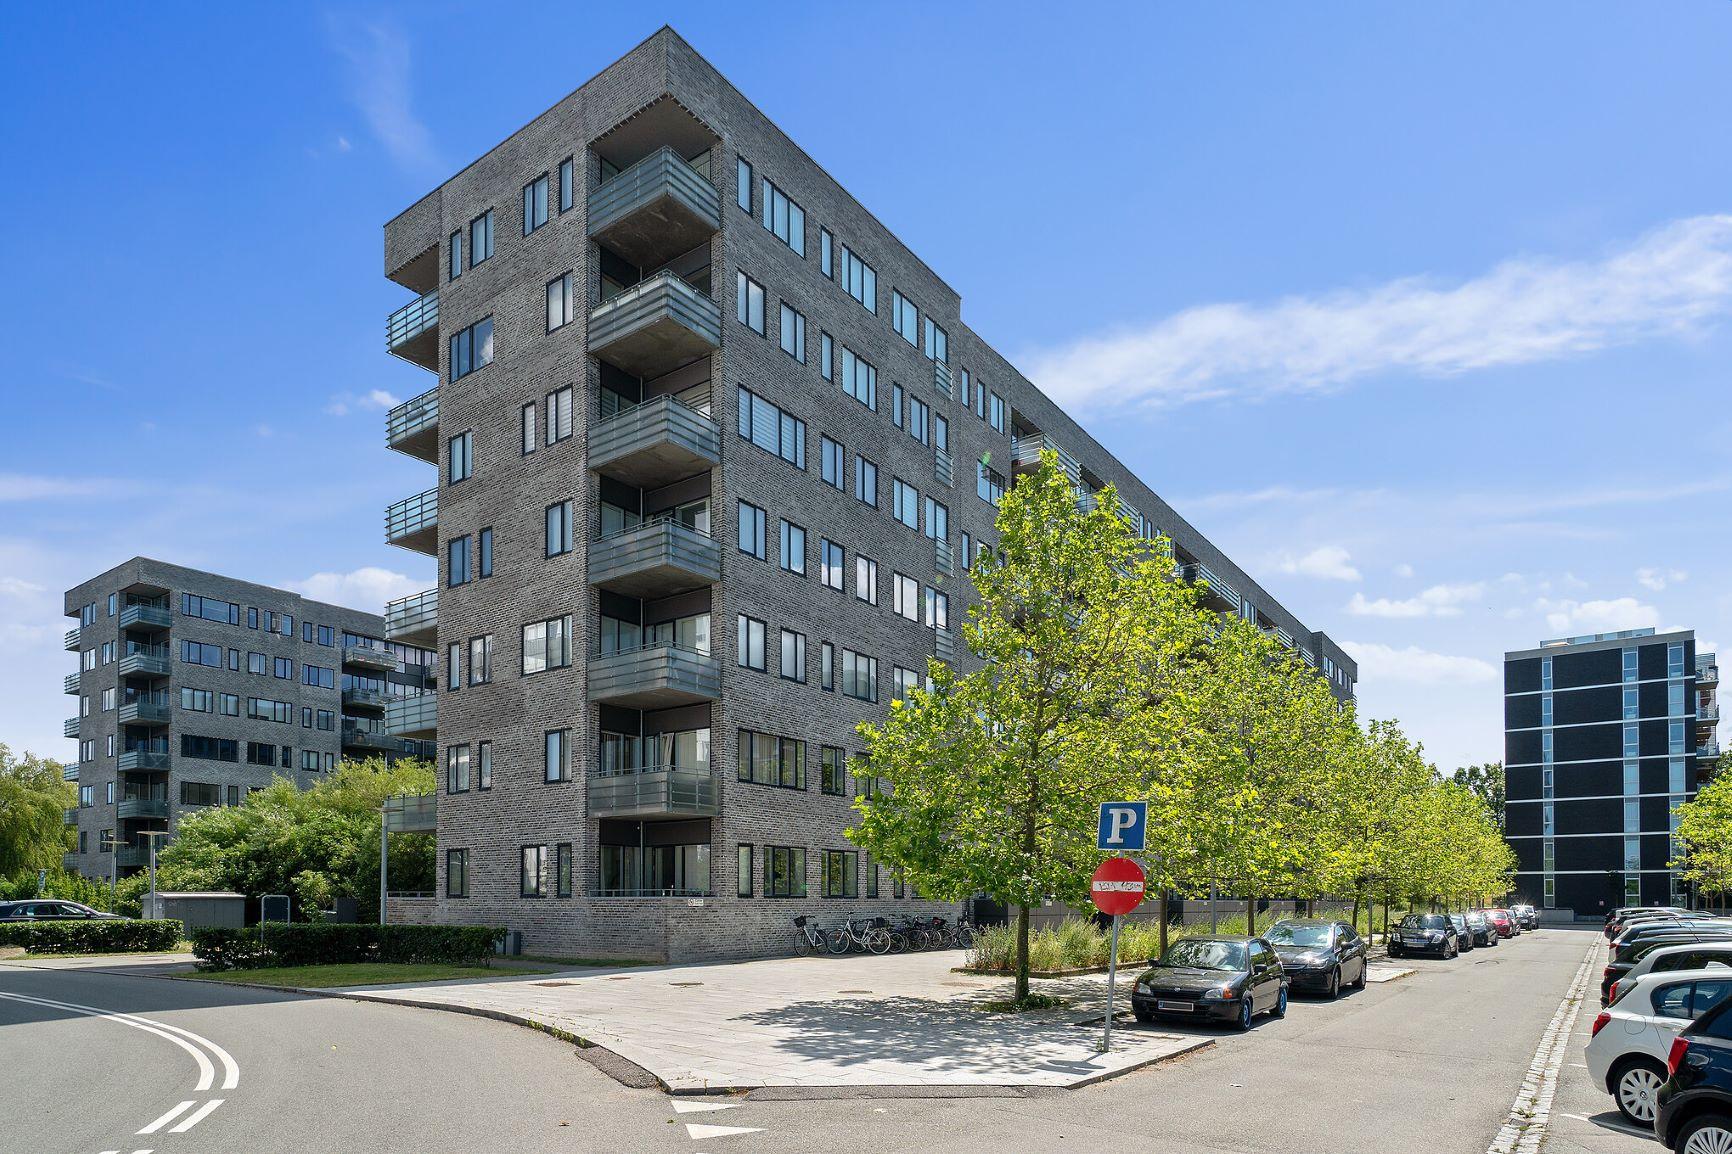 Gyngemose Parkvej 16, 4. tv., 2860 Søborg